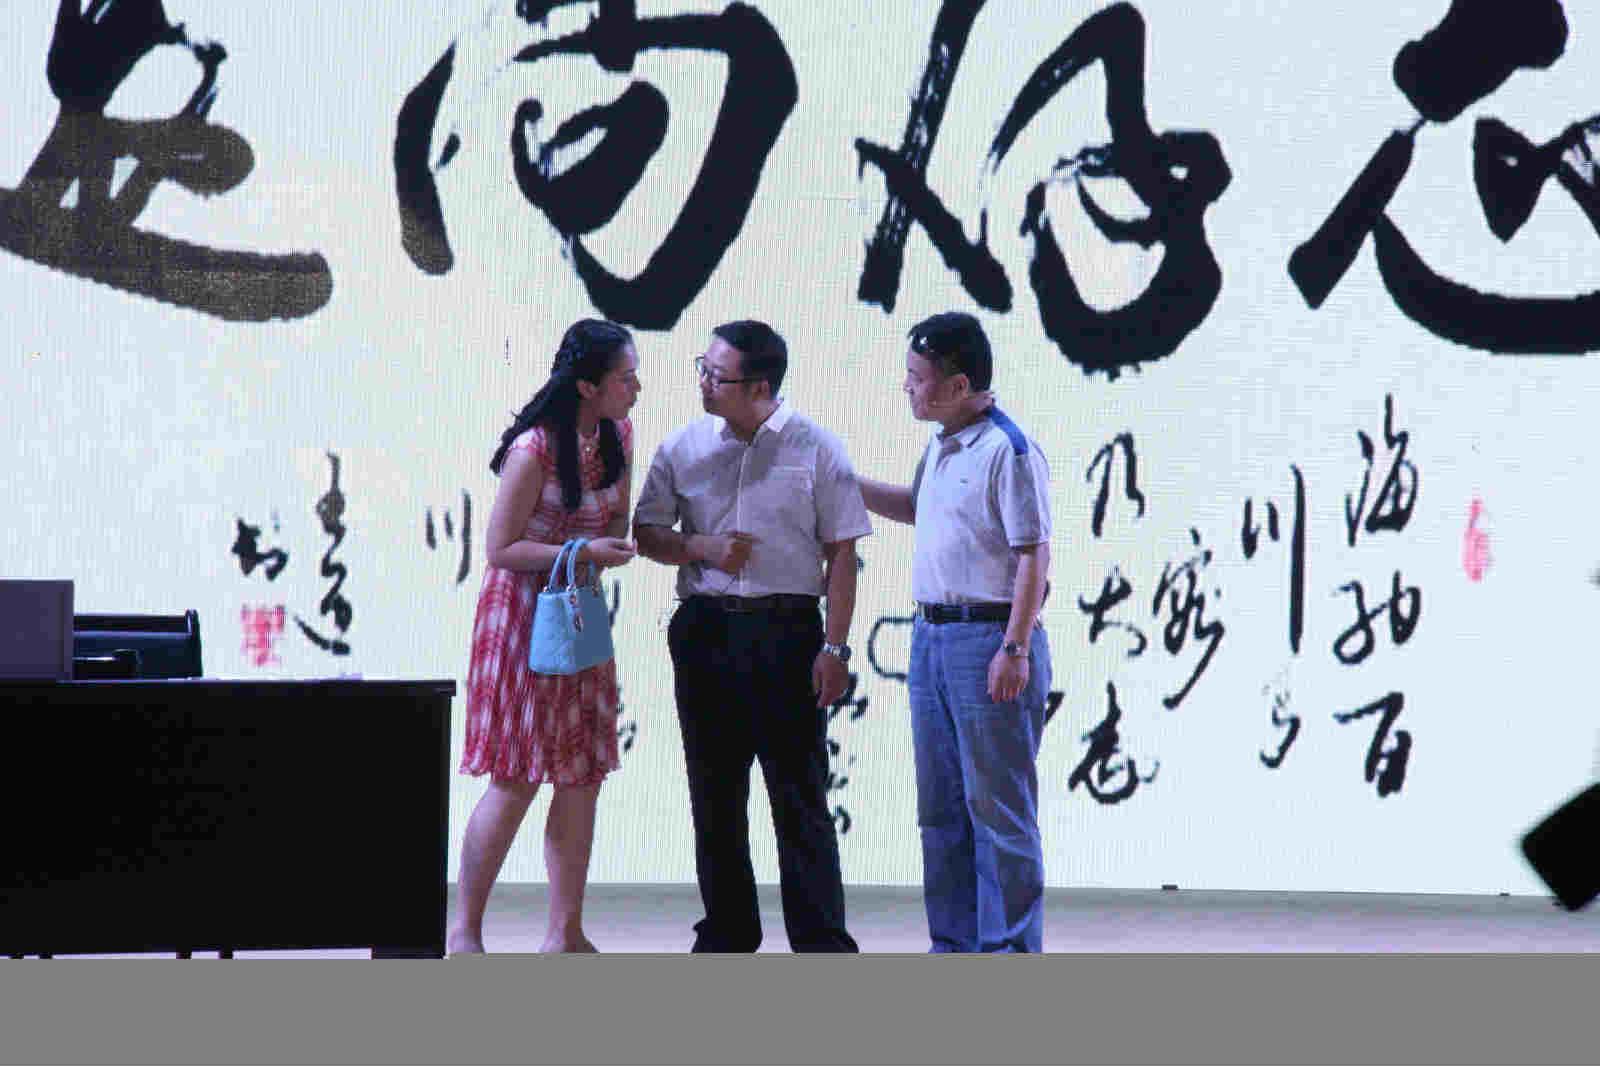 丰县地税:算好清廉七笔账 走好人生每一步